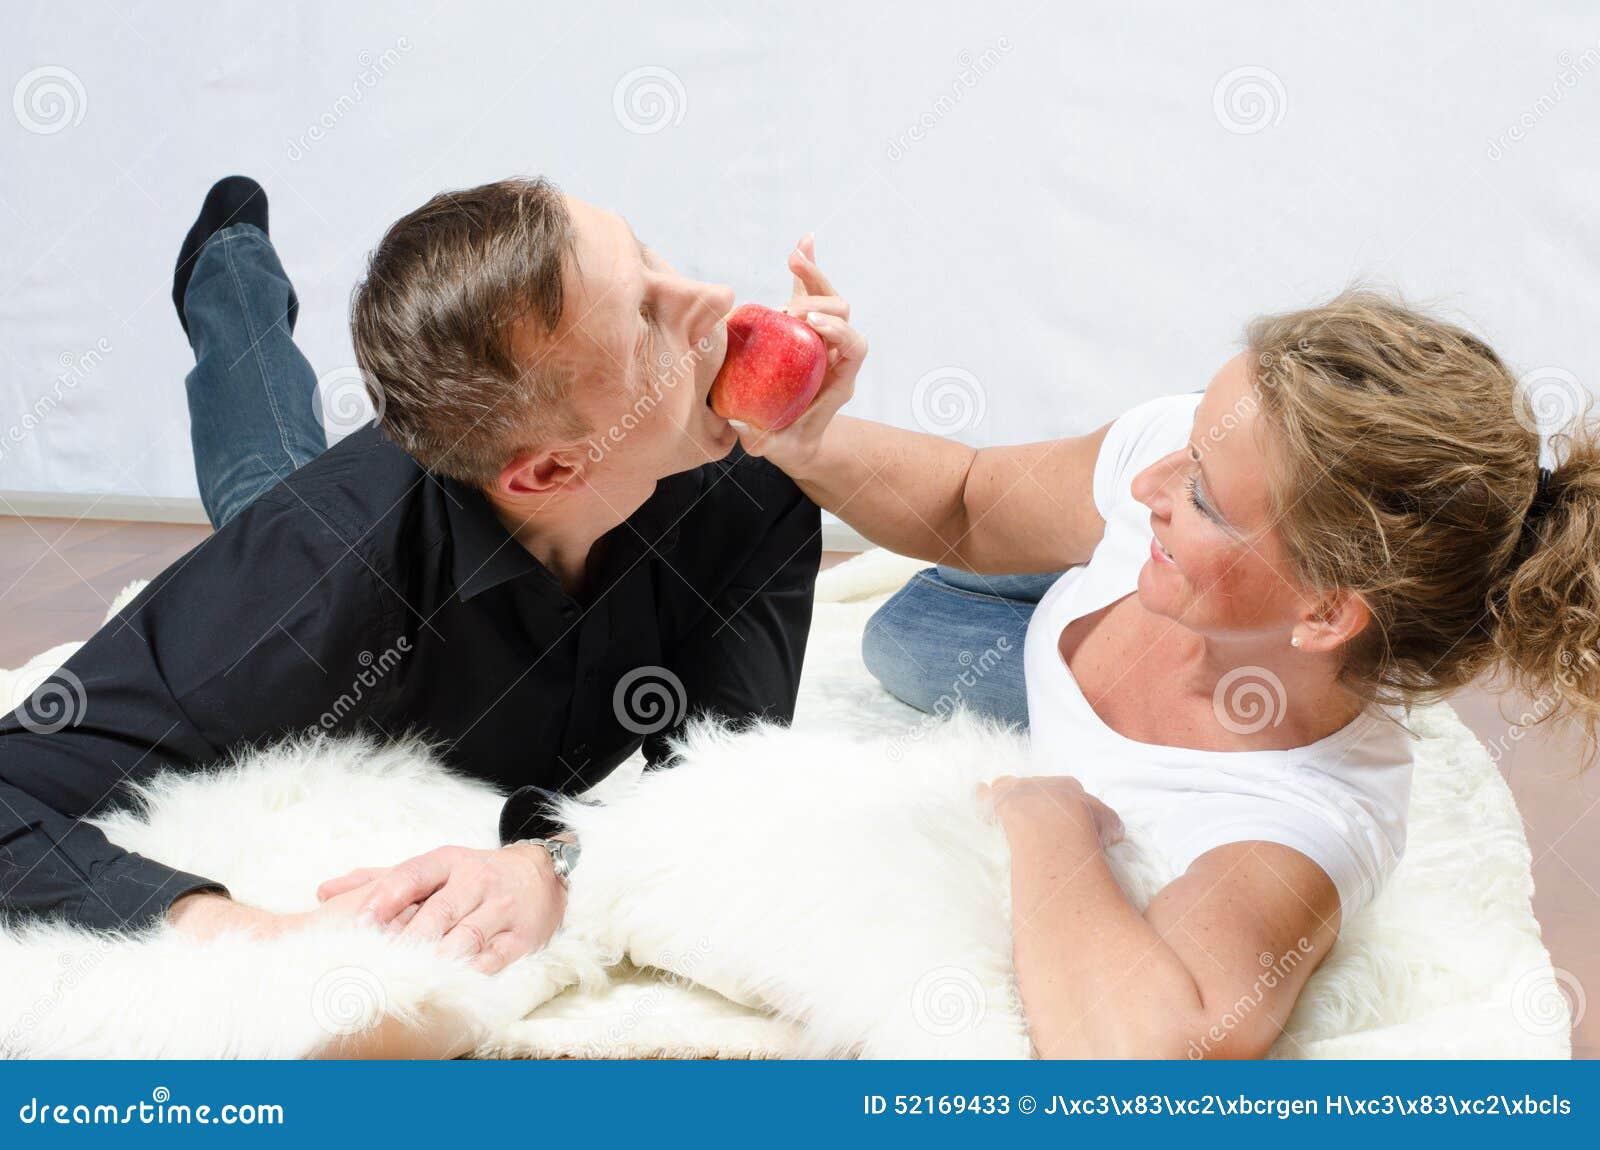 Women women teasing 12 Sure